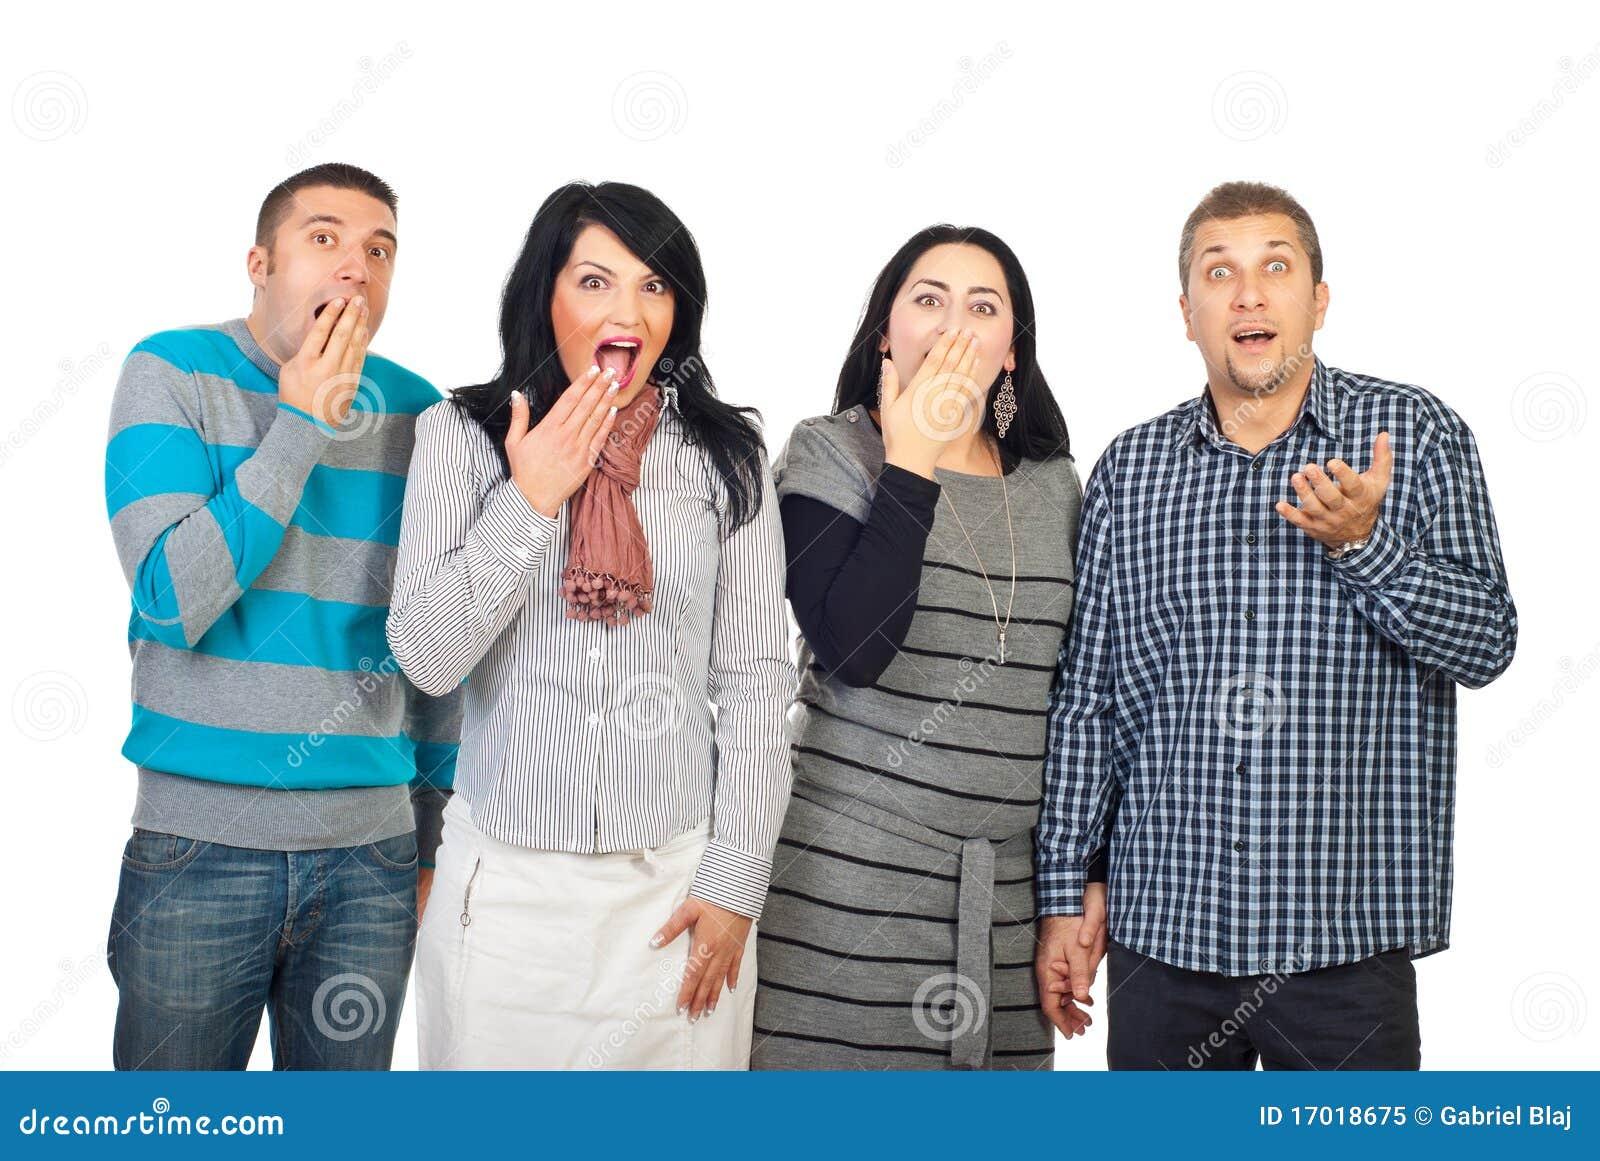 Überraschte Gruppe von Personen in einer Zeile